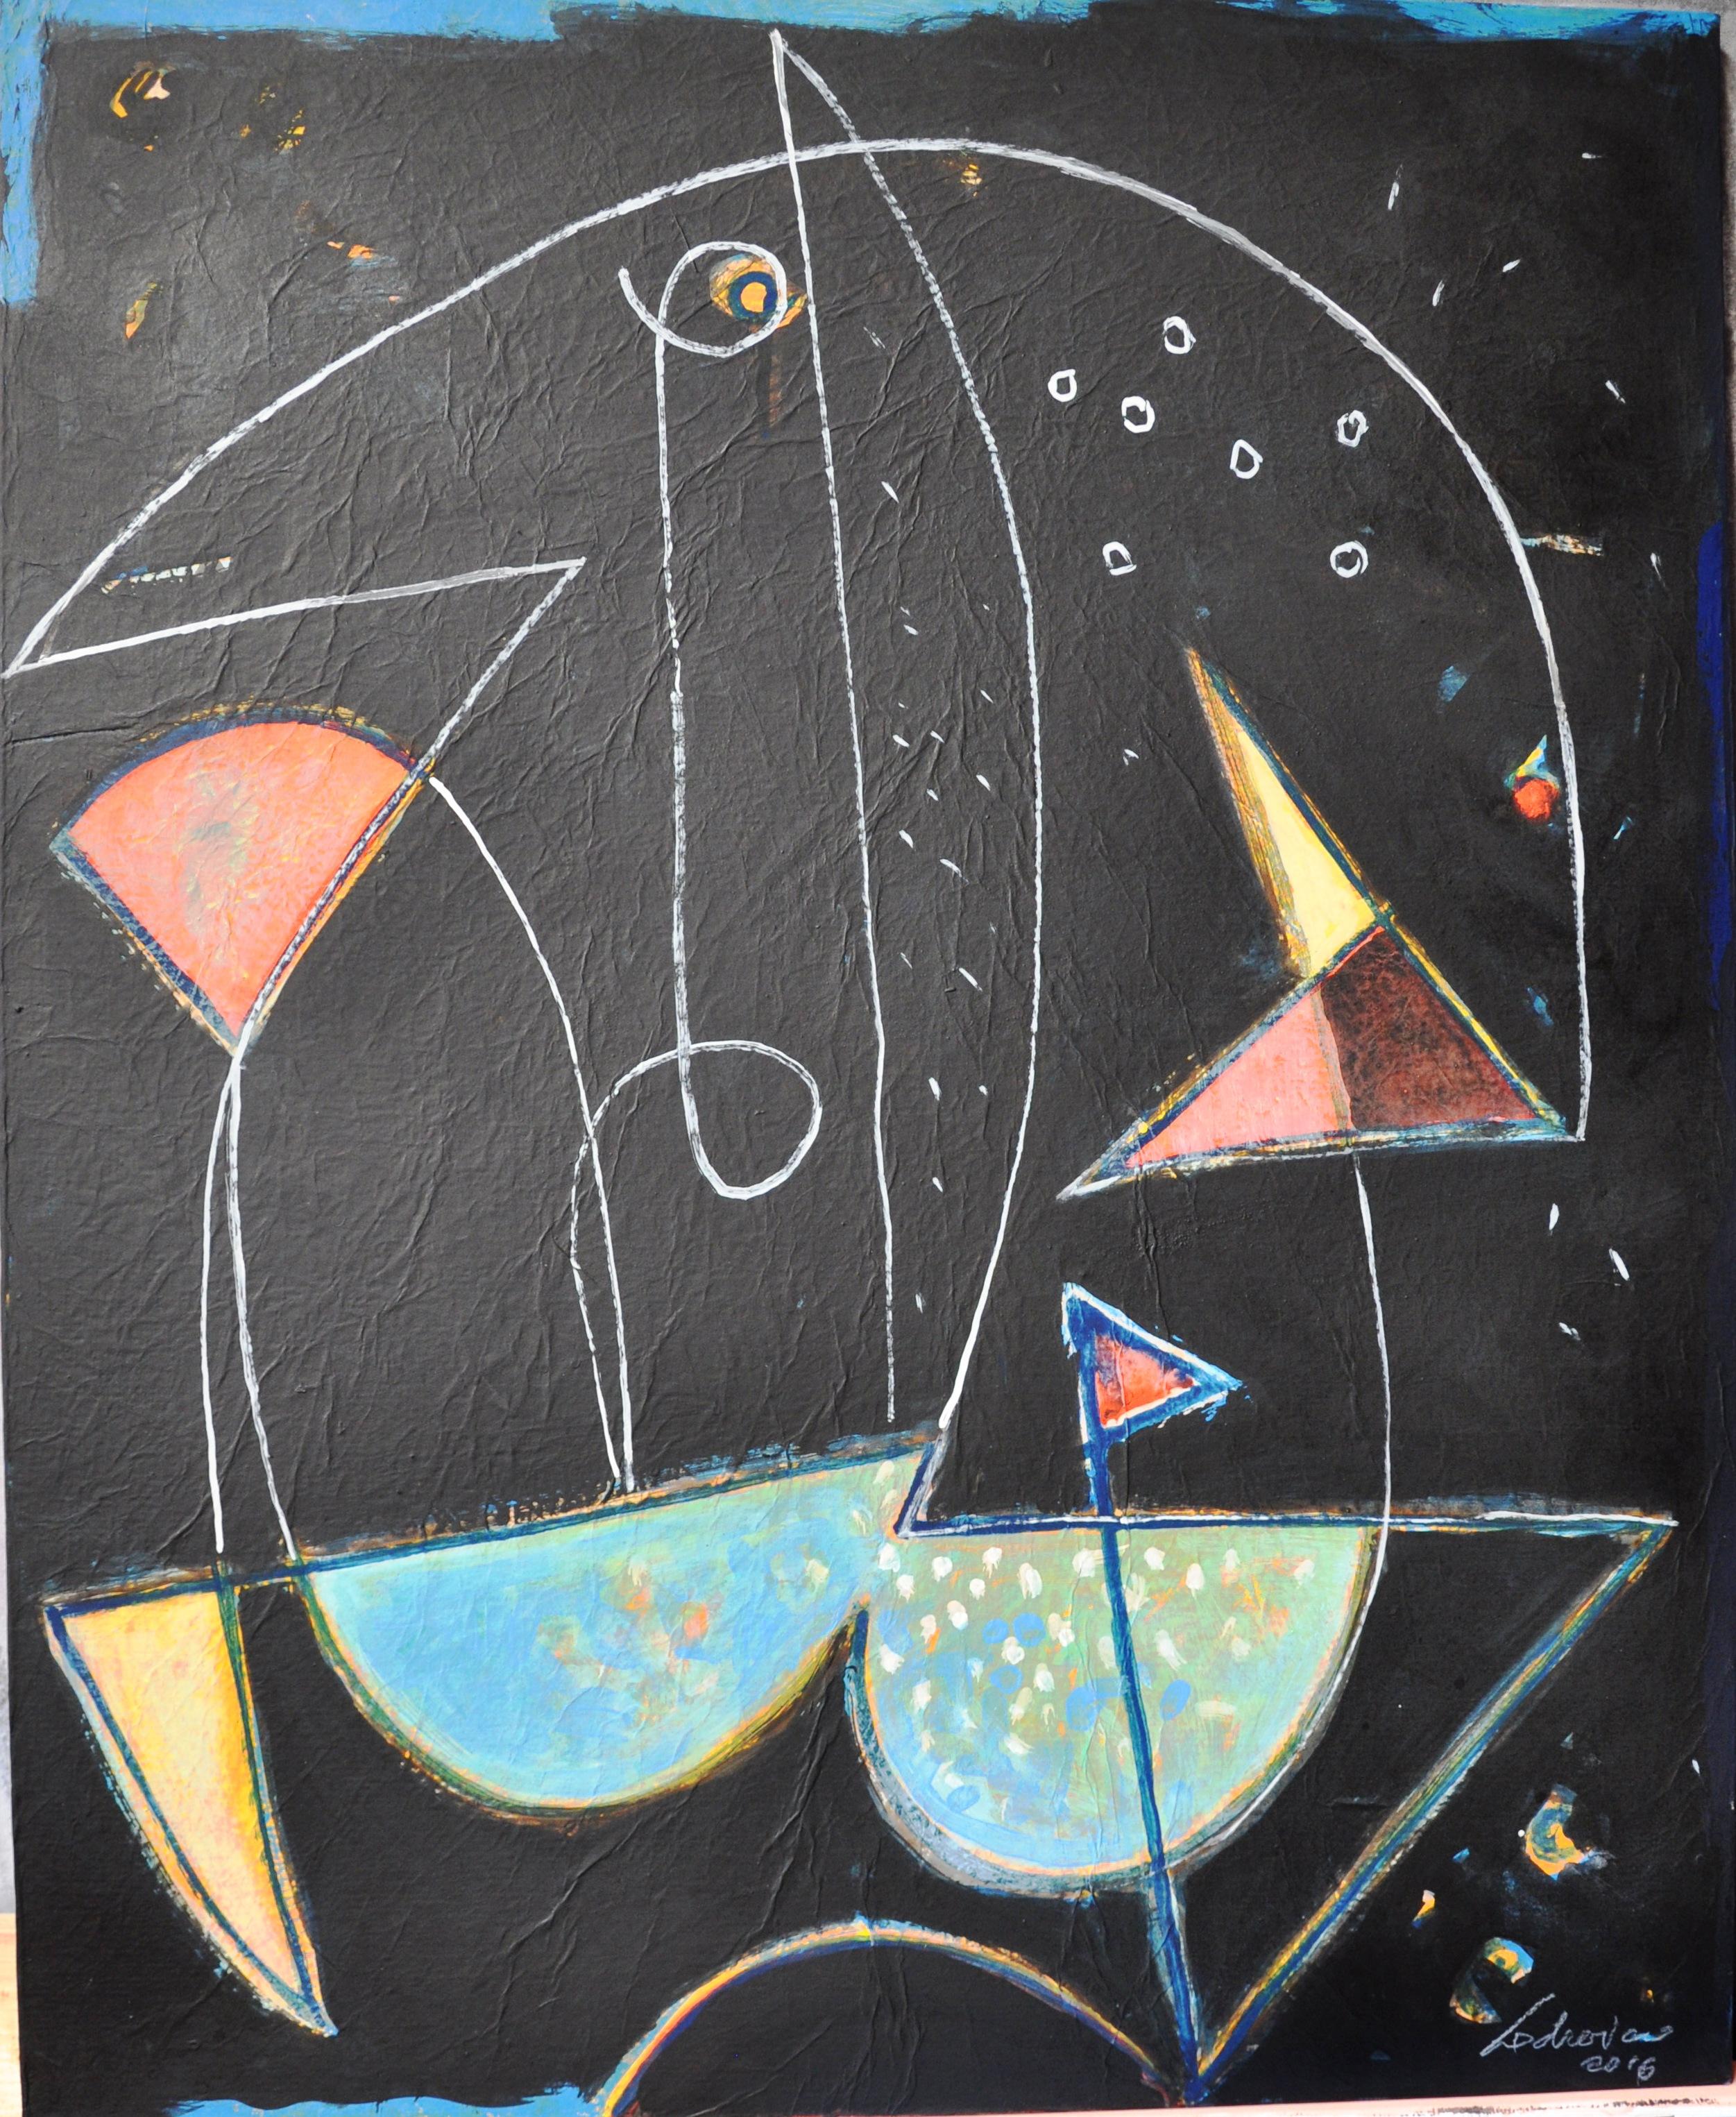 Minotauro, acrilico, 2016 cm. 67x54